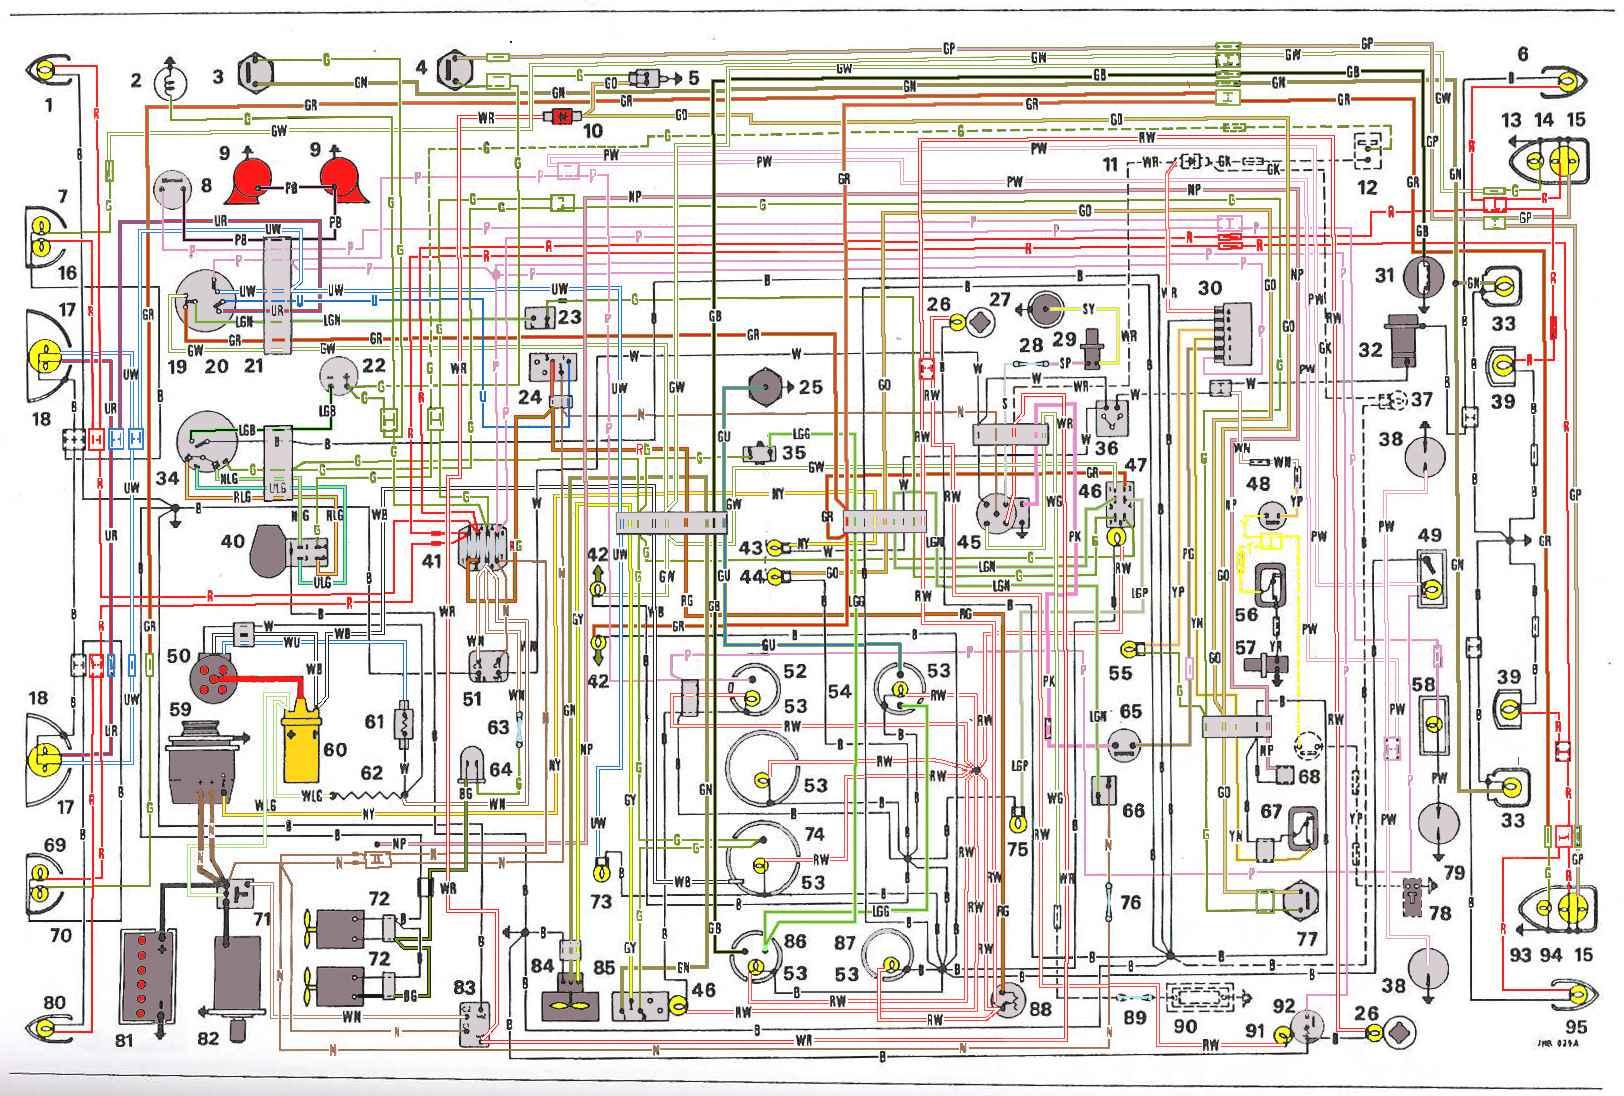 schemaelectric.jpg